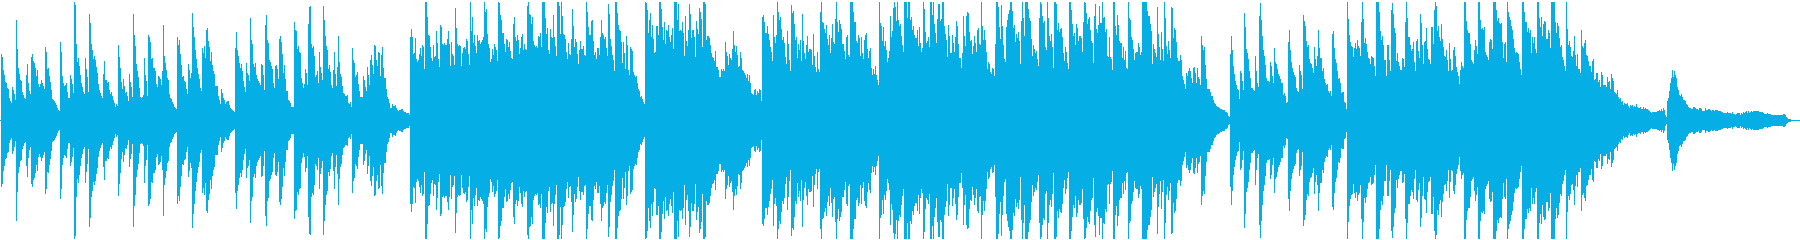 企業VP34 16bit44kHzVerの再生済みの波形